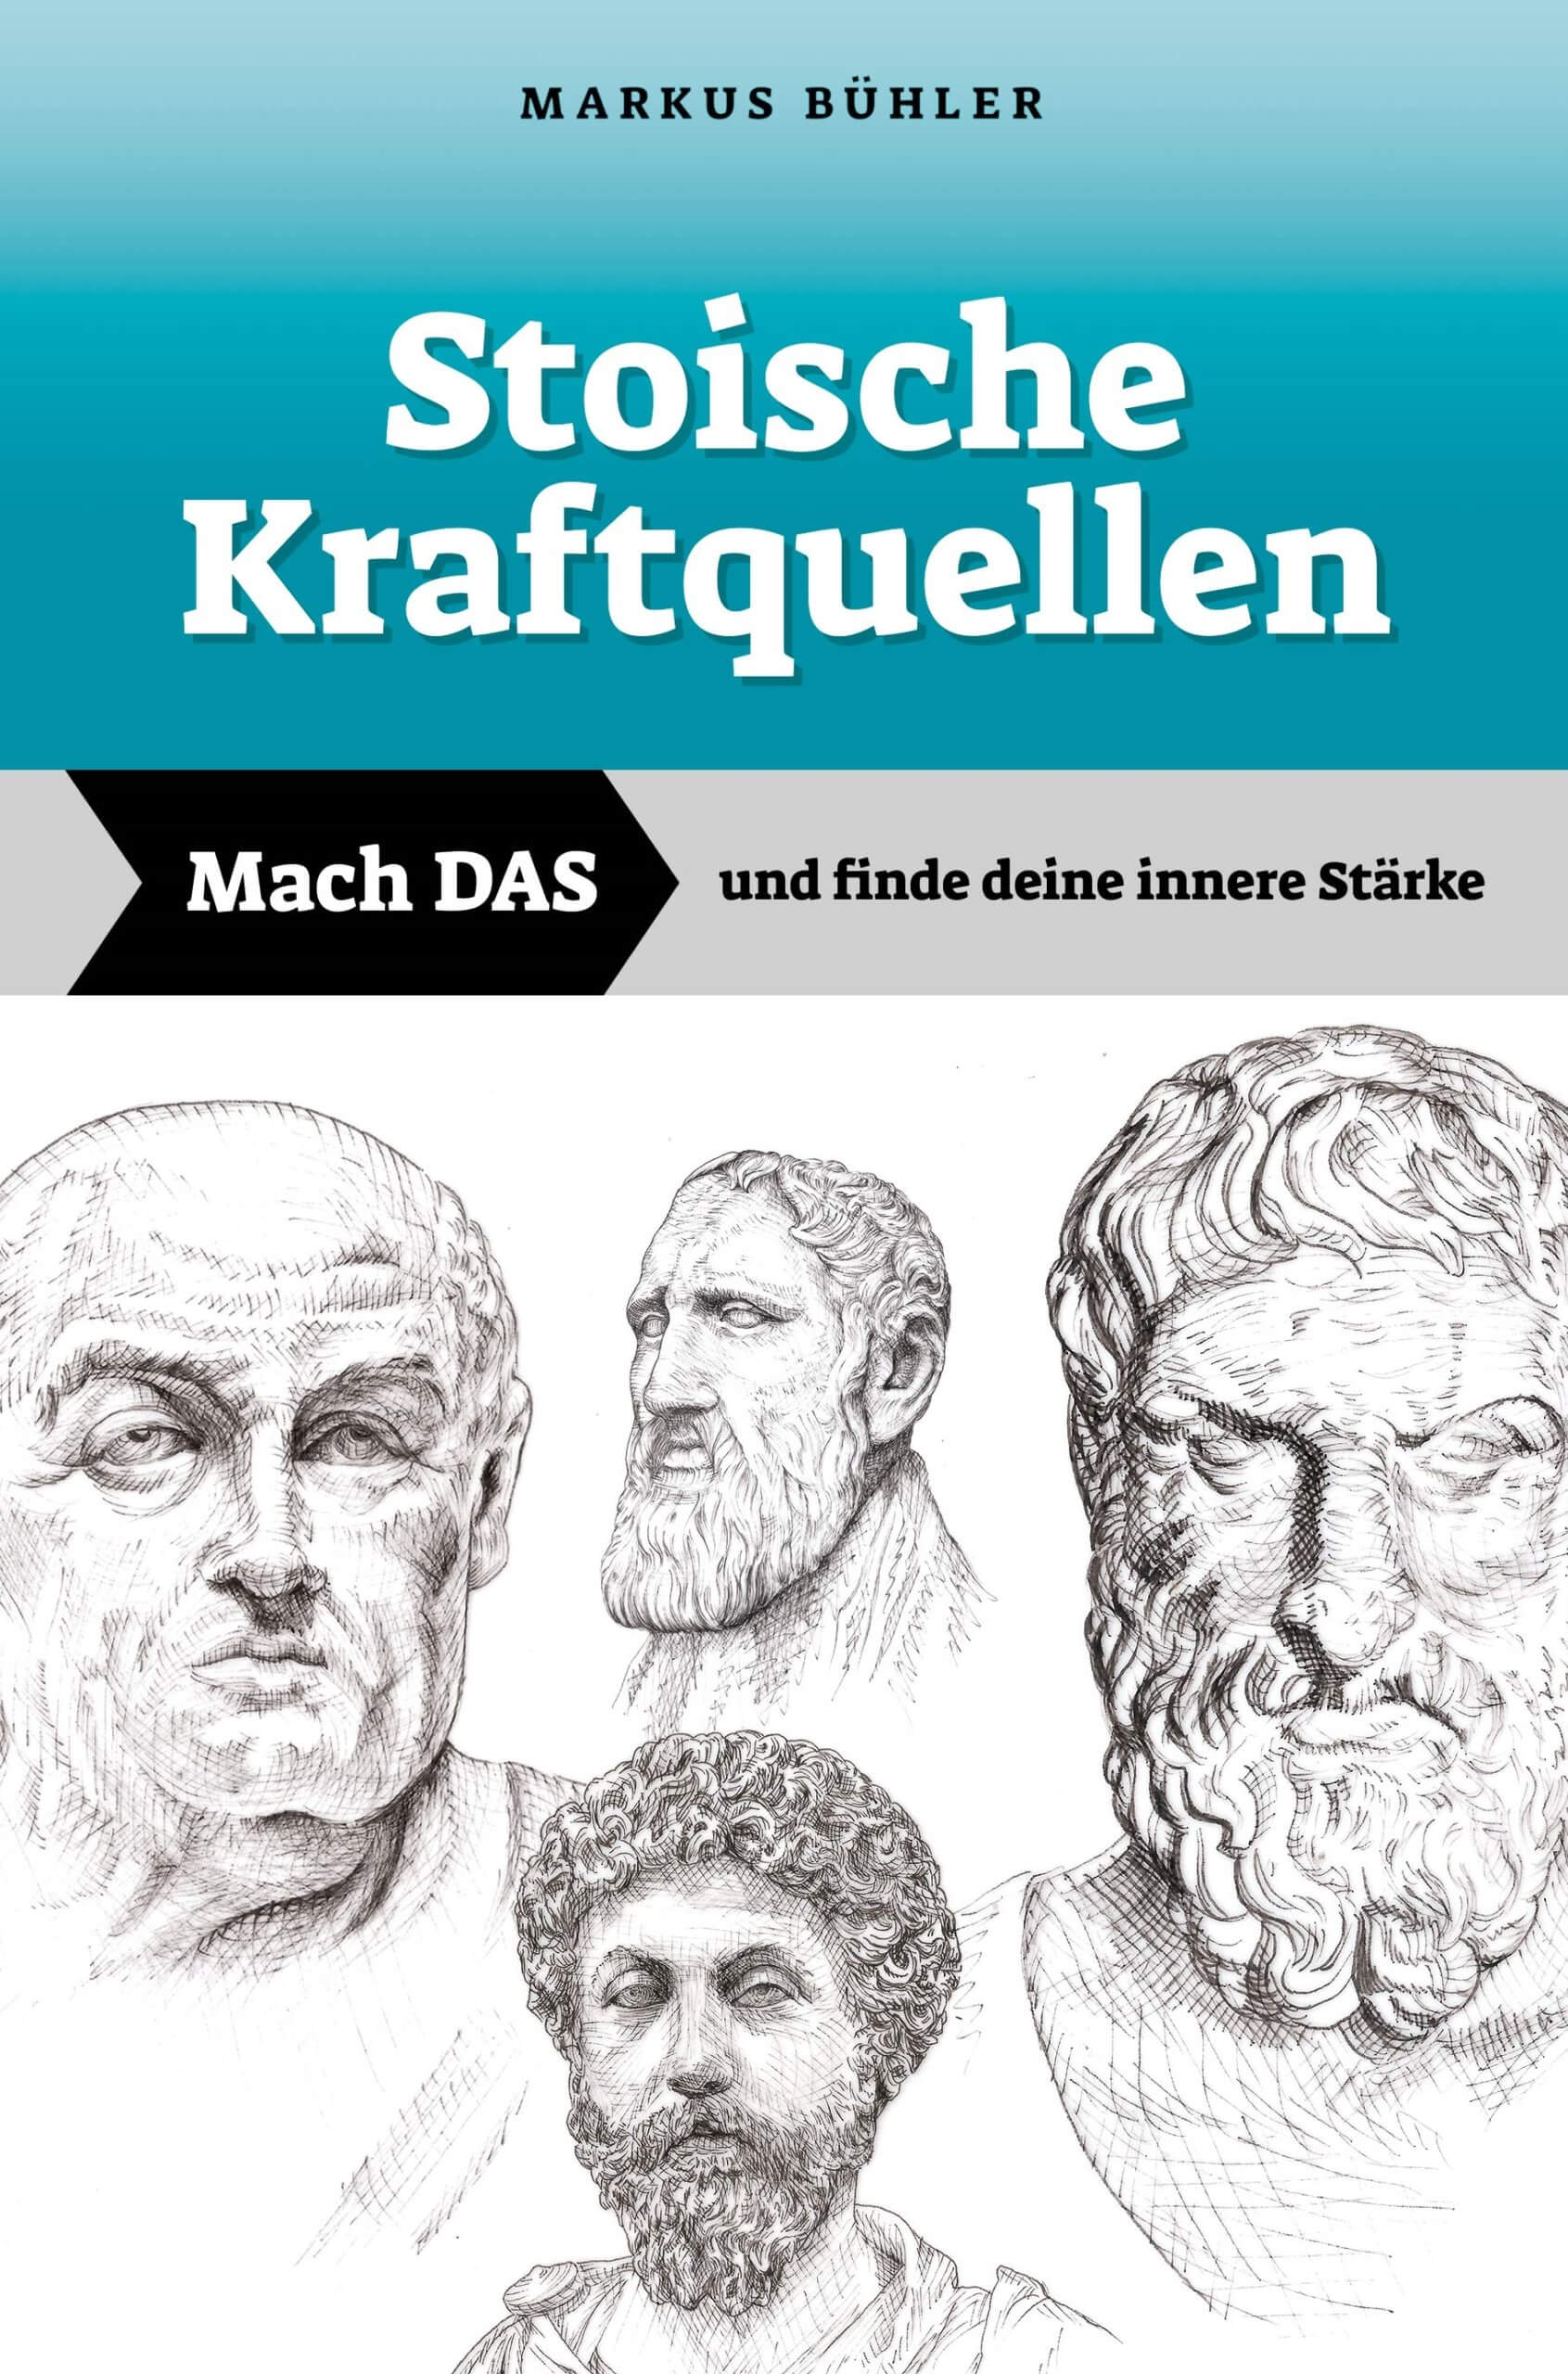 Markus Bühler - stoische Kraftquellen